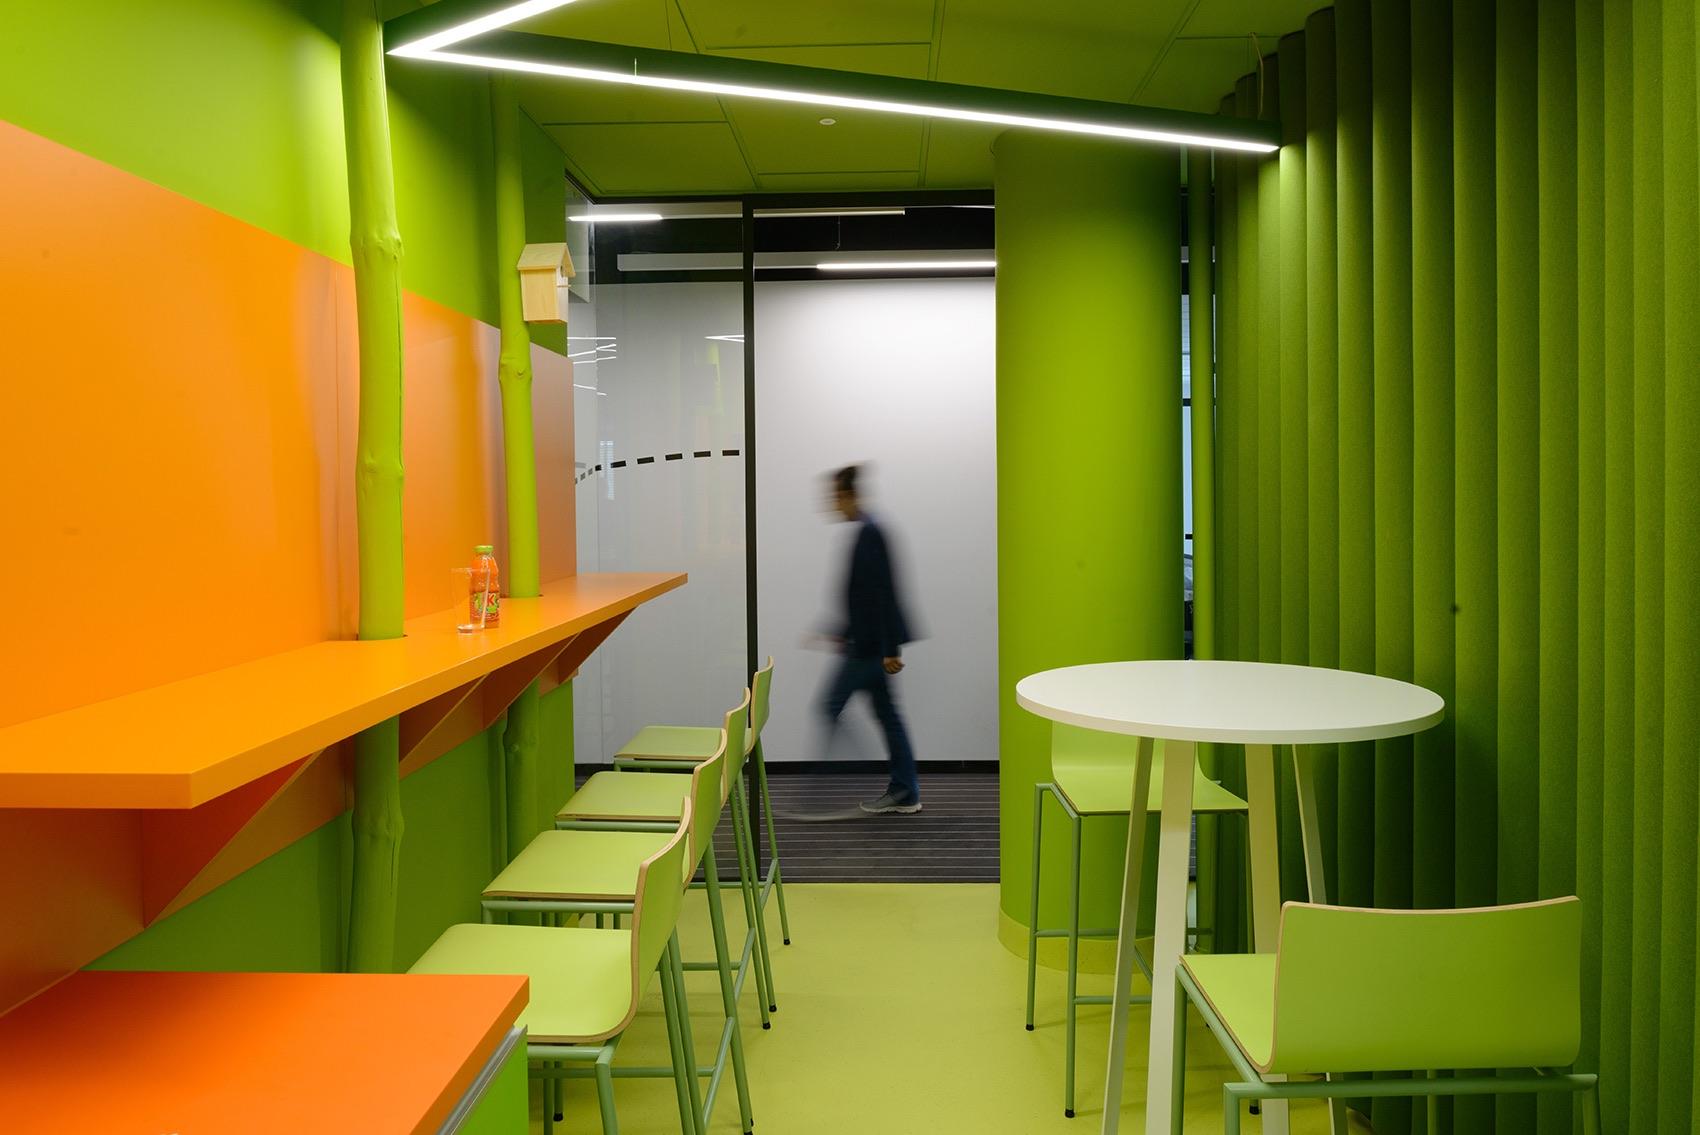 kpmg-katowice-office-1